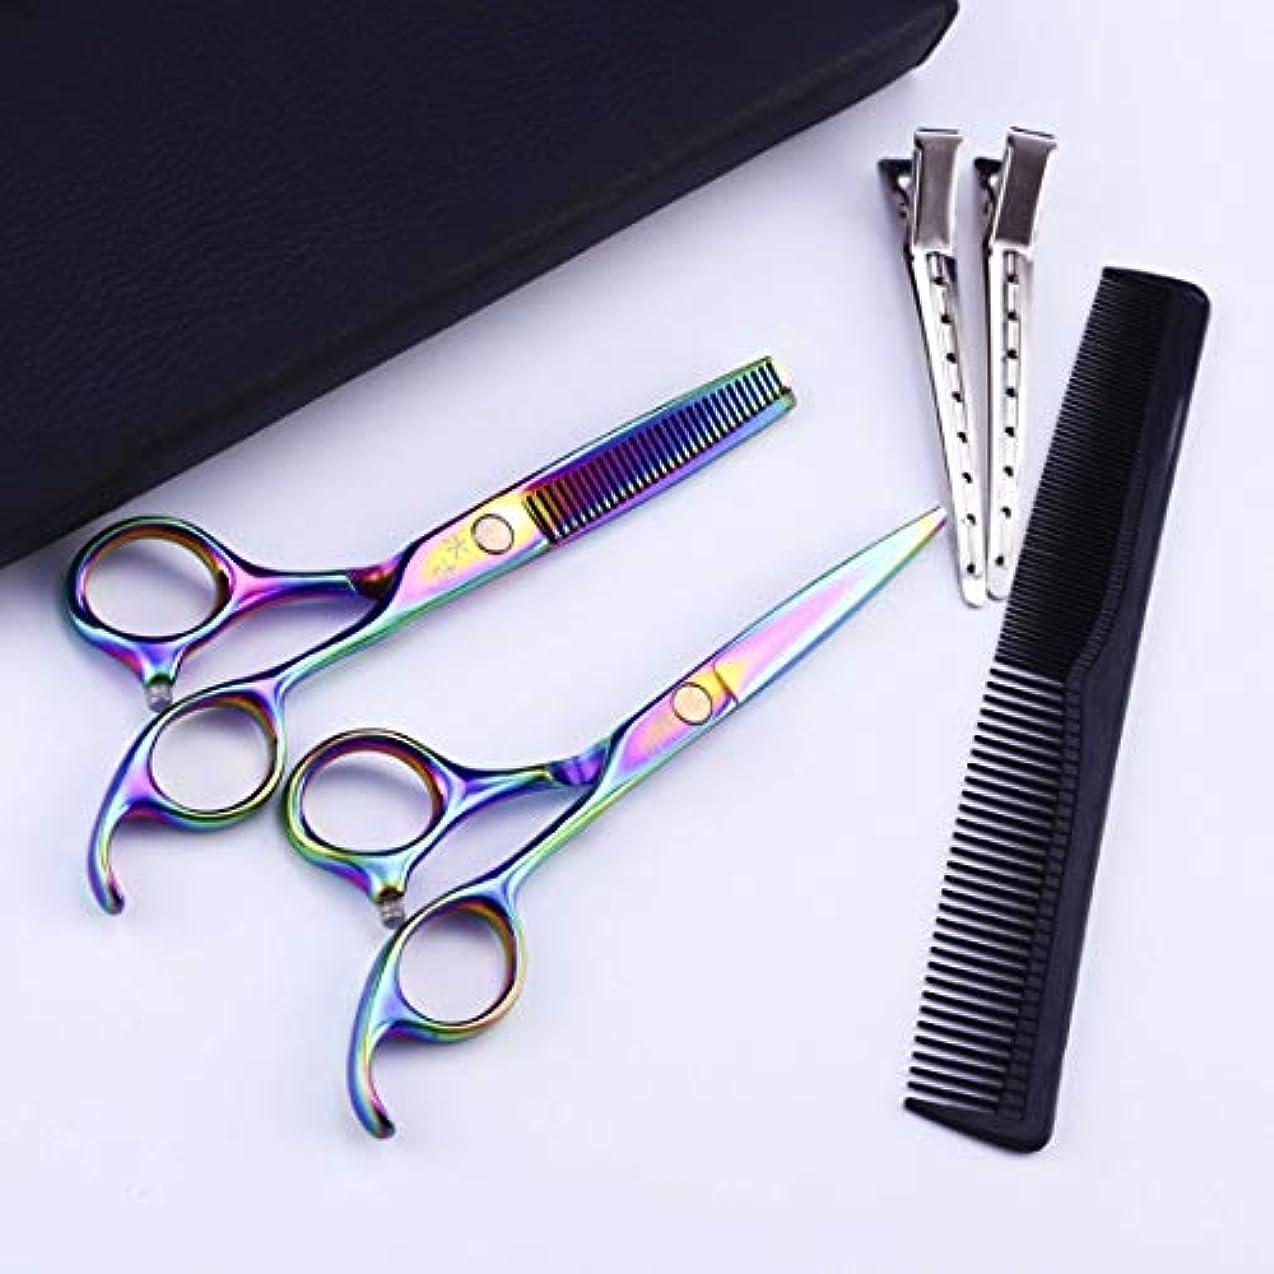 Jiaoran カラフルな理髪はさみ、5.5インチプロはさみセットフラットはさみ+歯はさみセット (Color : Colorful)